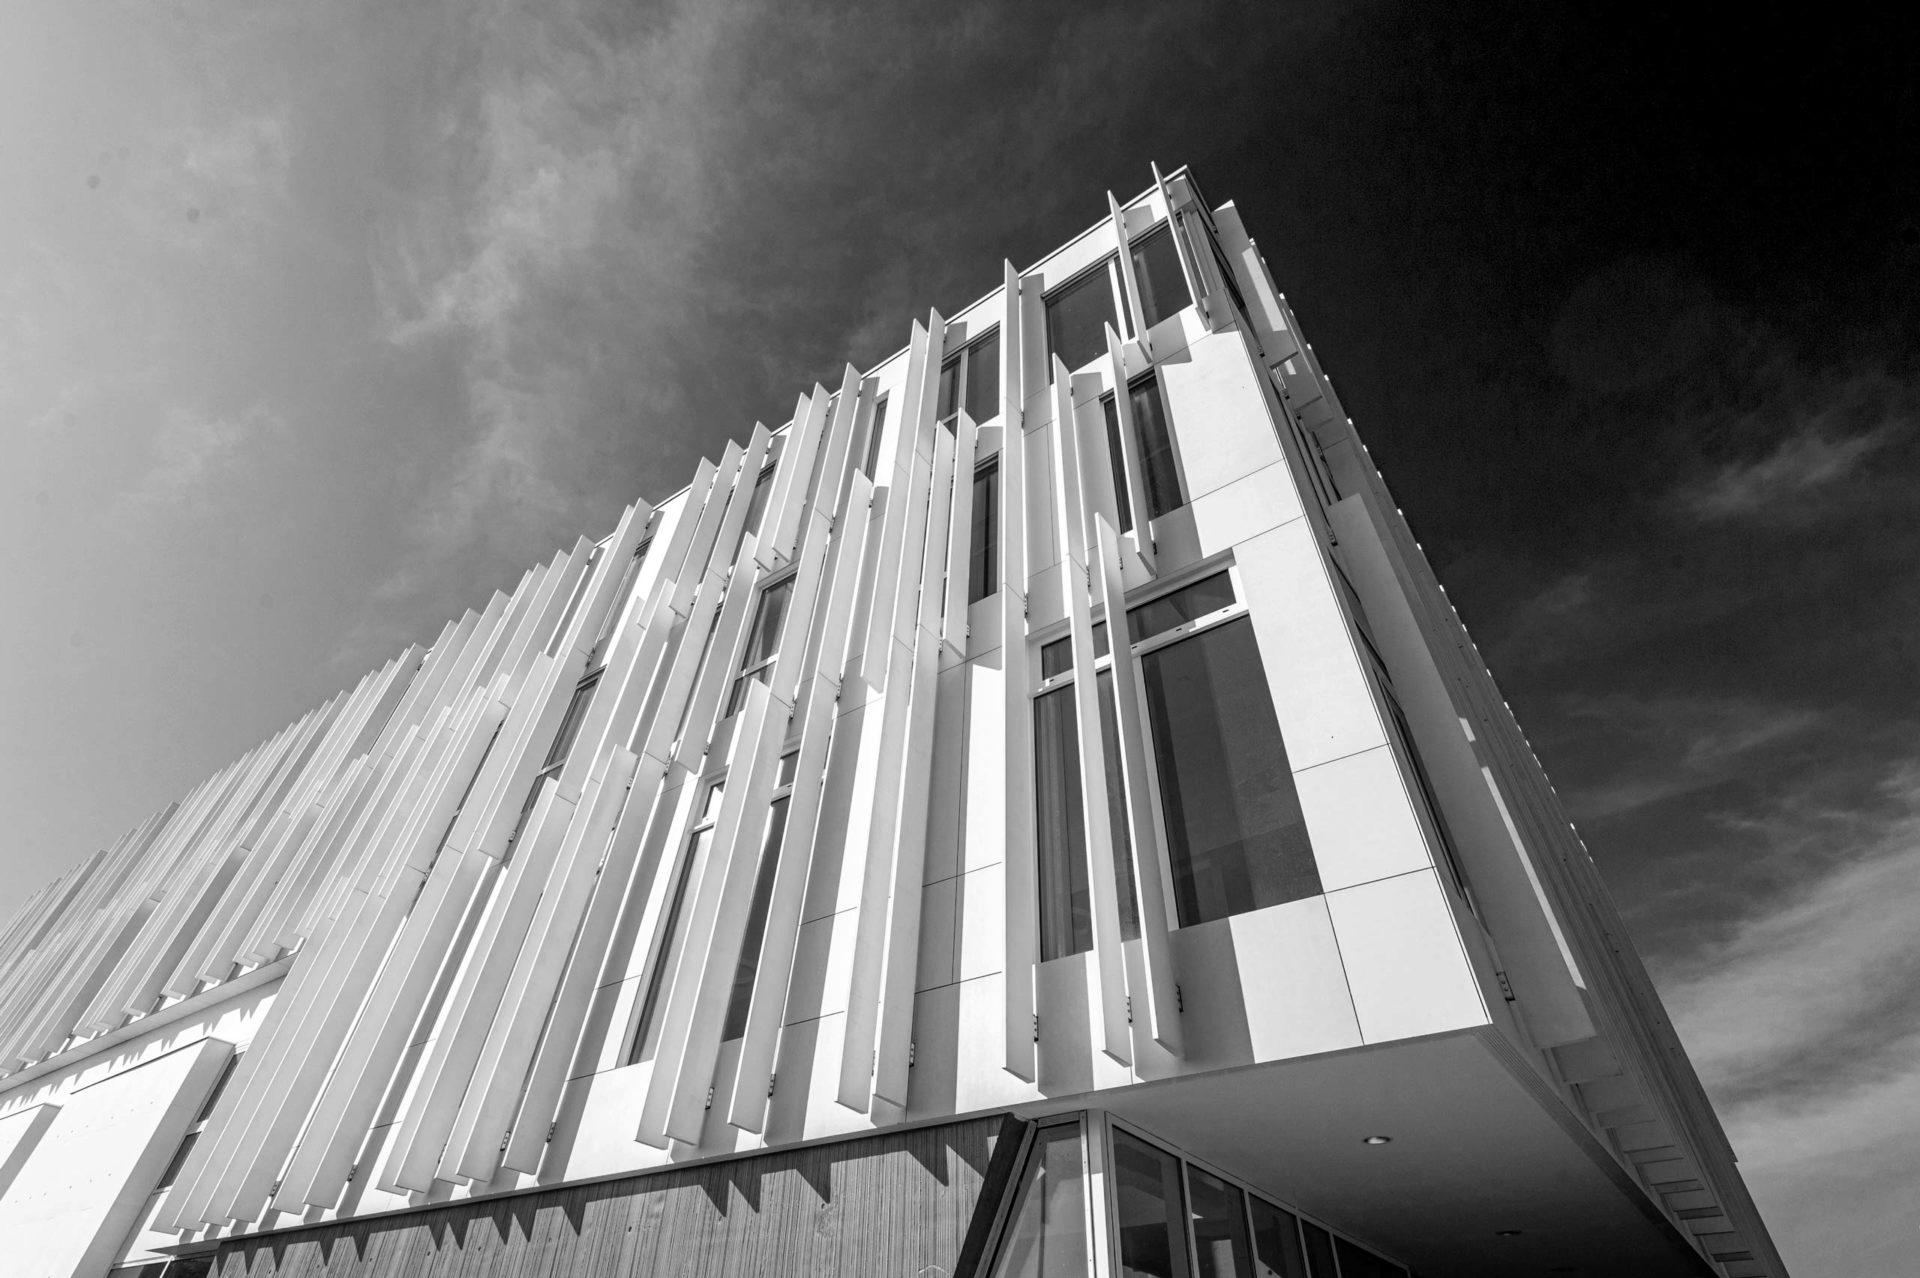 Conservatoire de Musique<br> France